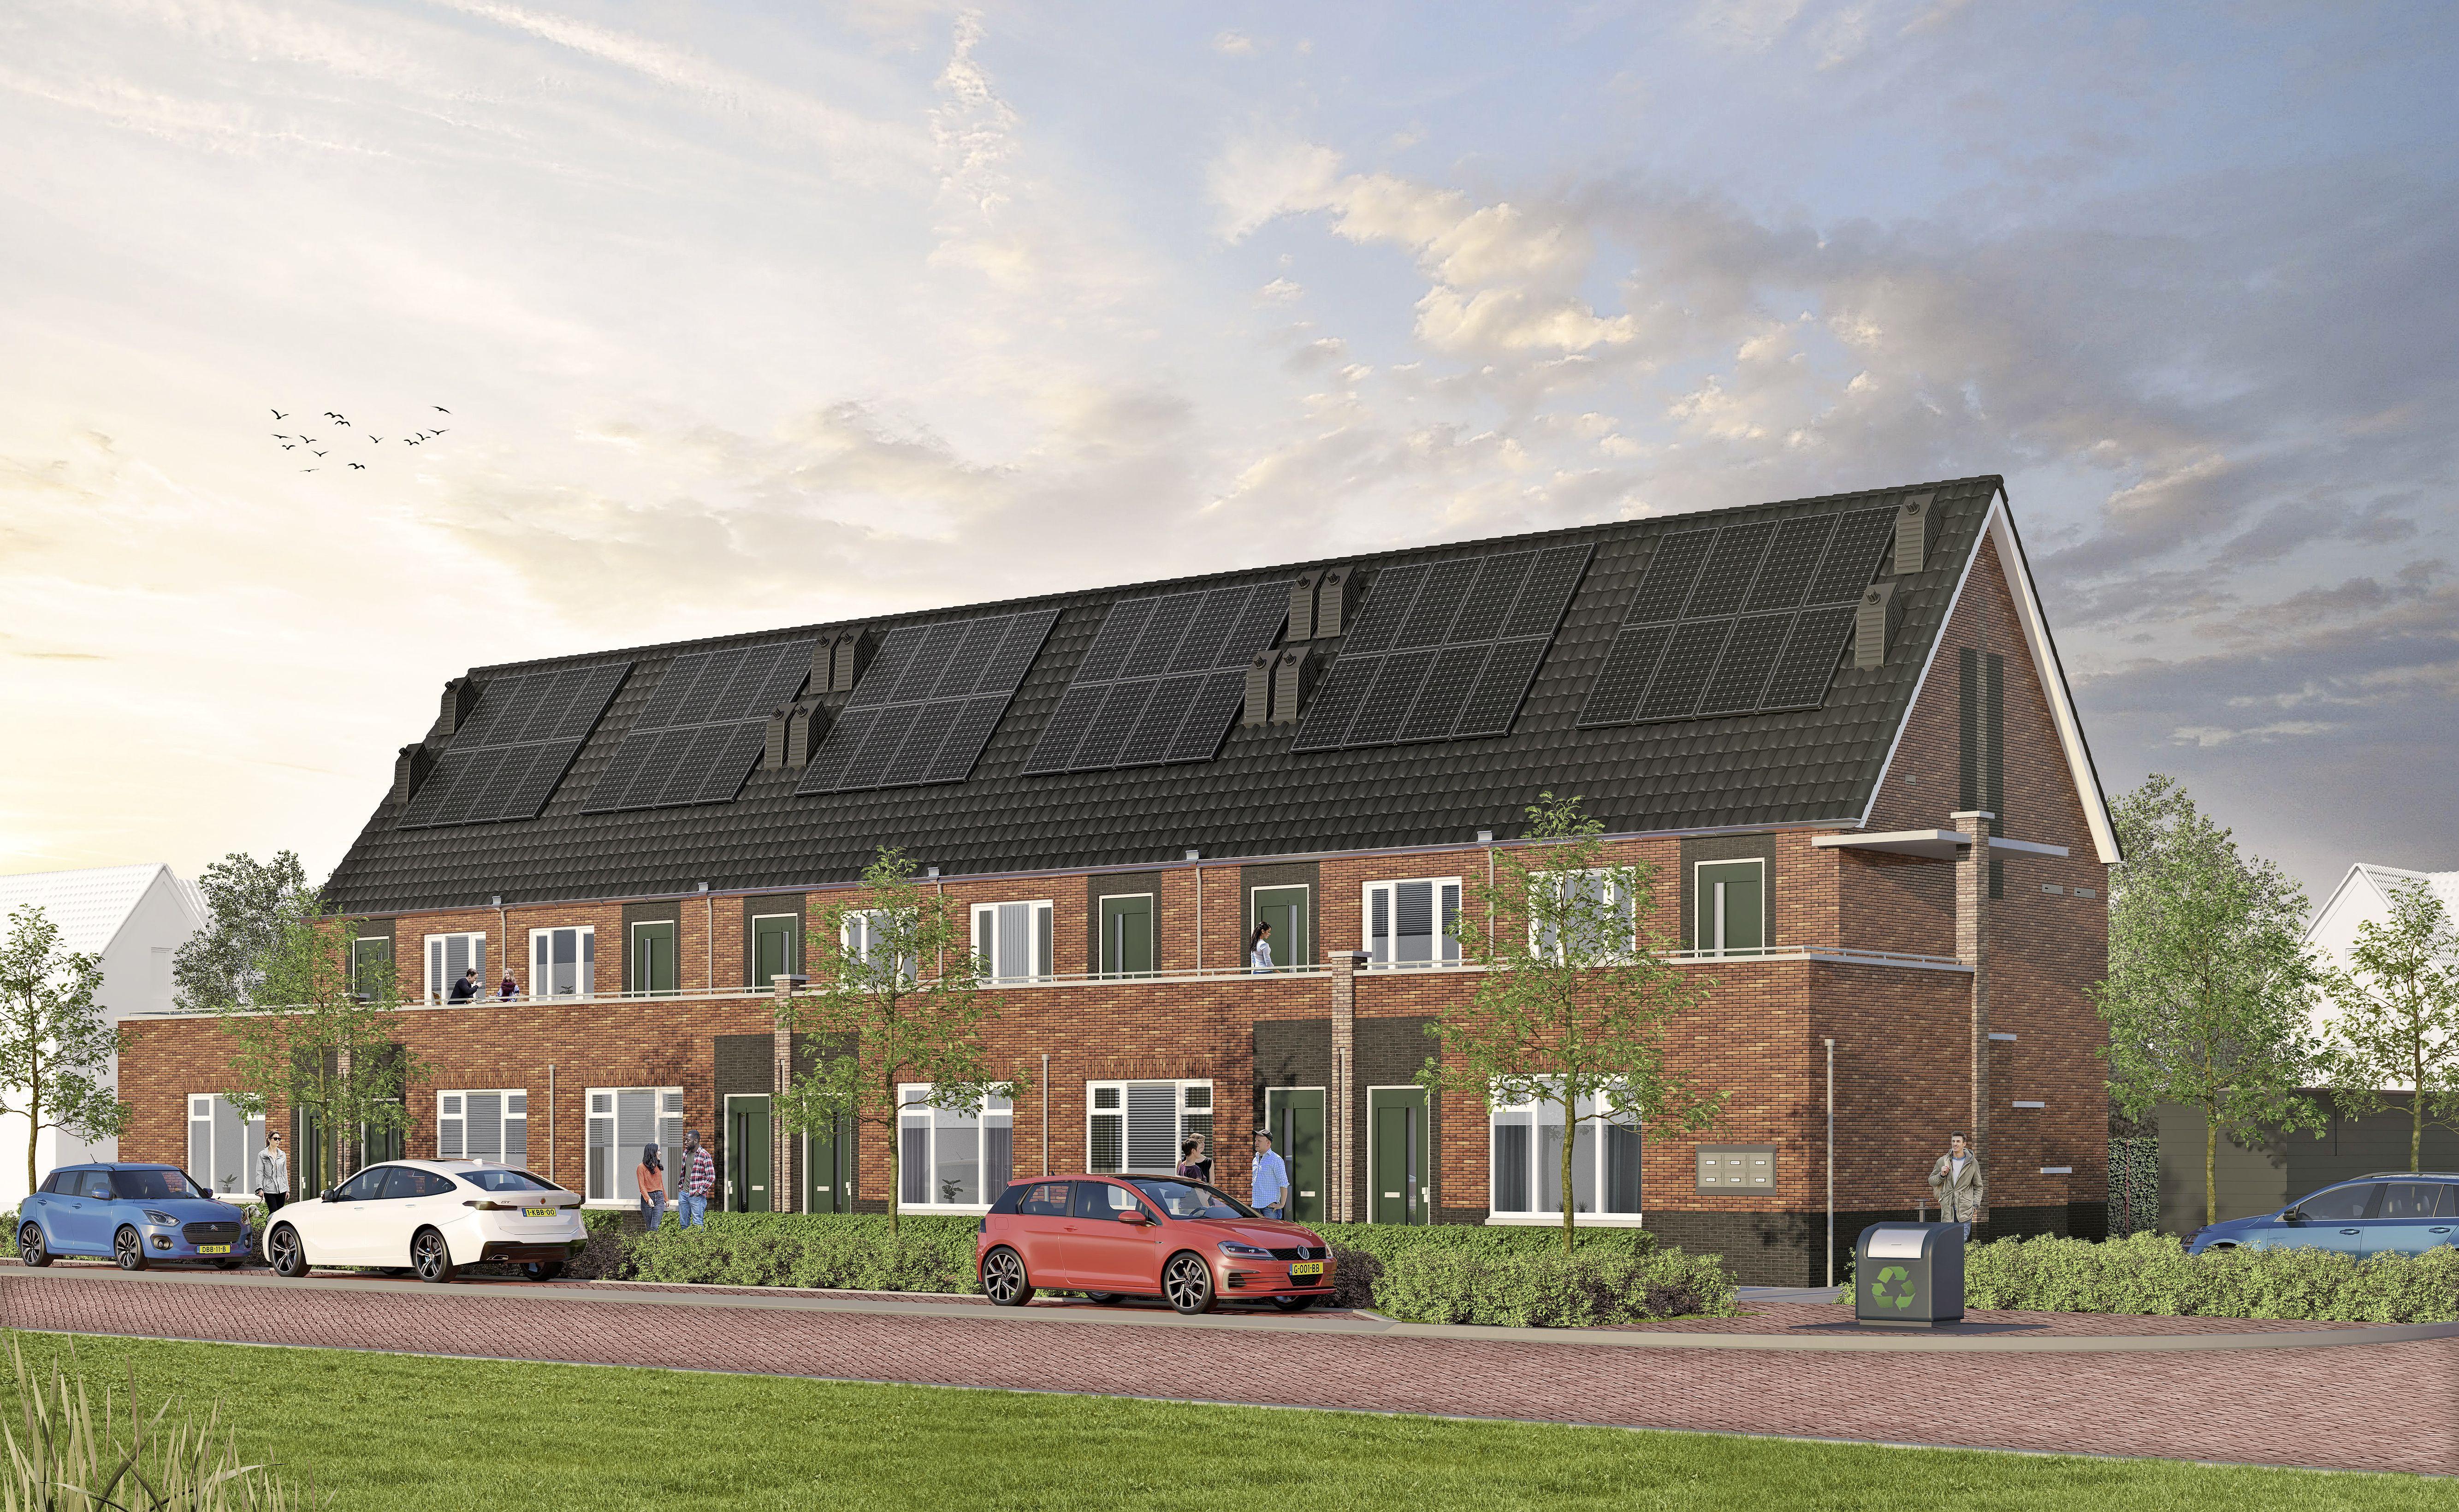 Starters, opgelet: twaalf gasloze nieuwbouwwoningen in Blokker, voor 173.900 euro vrij op naam